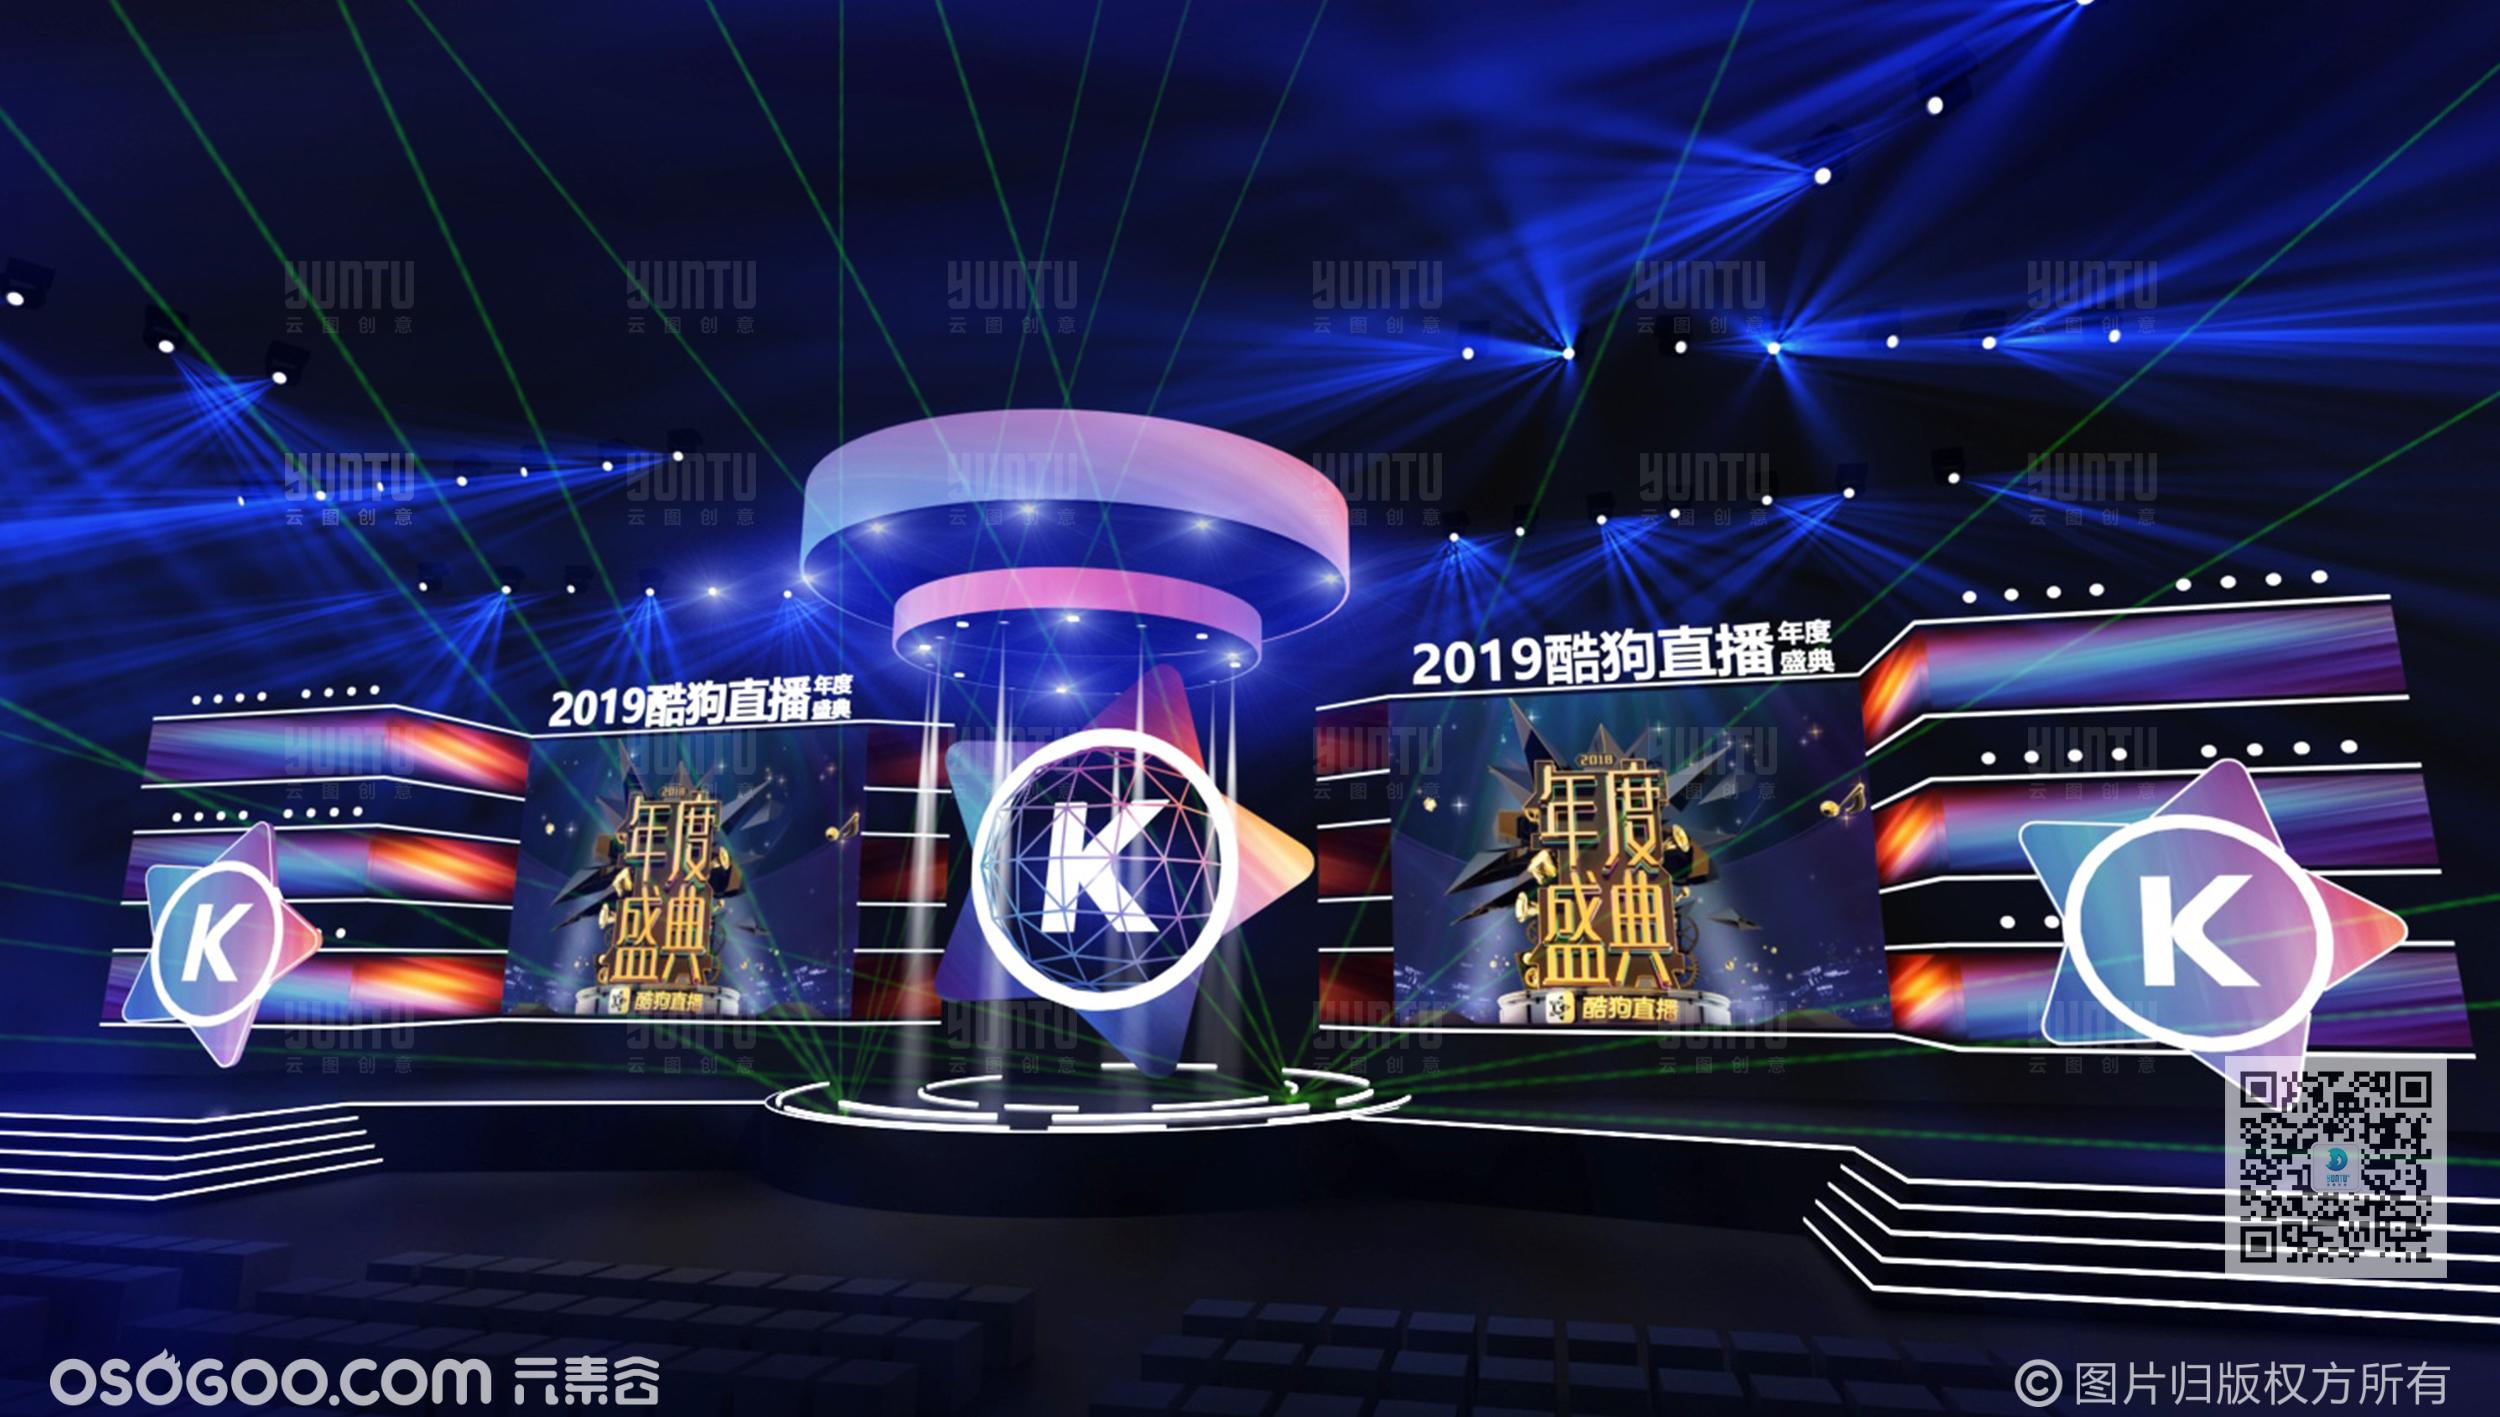 酷狗直播2019 年度盛典 舞美设计